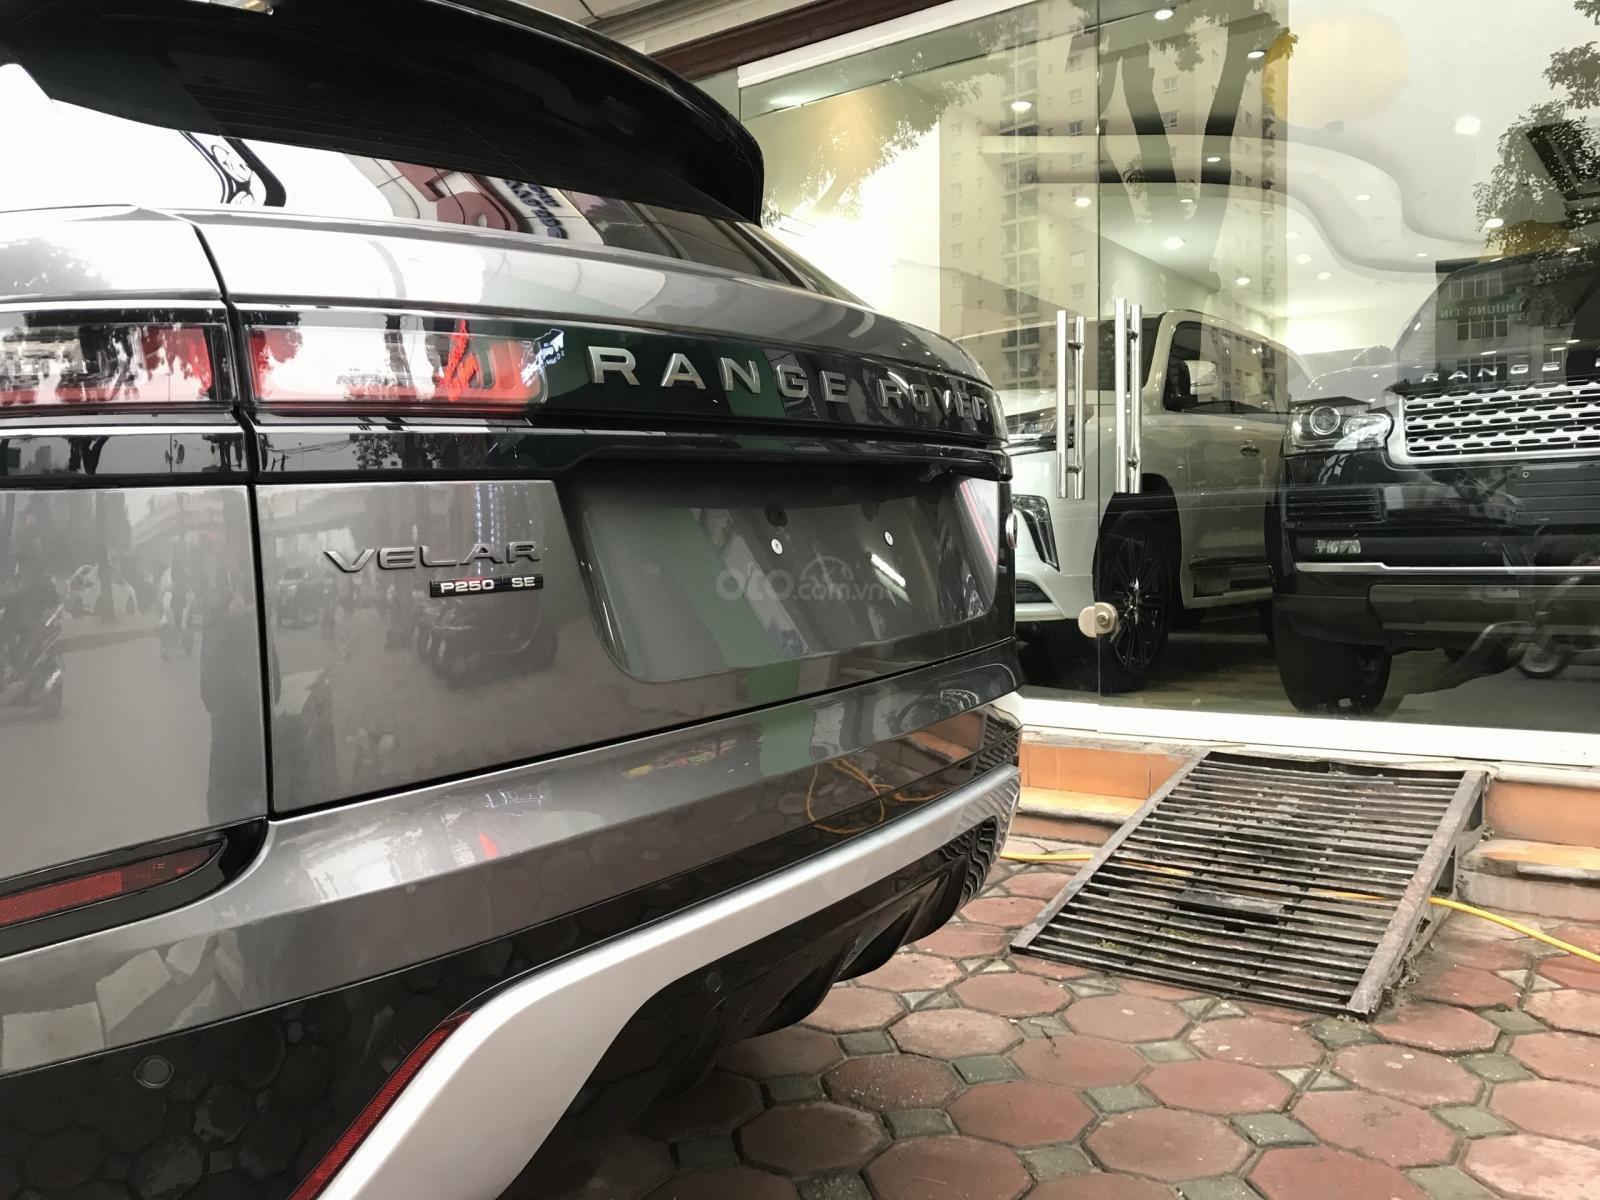 Bán xe LandRover Range Rover Velar P250 SE R-Dynamic sản xuất 2018, màu xám, nhập khẩu - LH: 0905.09.8888 - 0982.84.2838-8